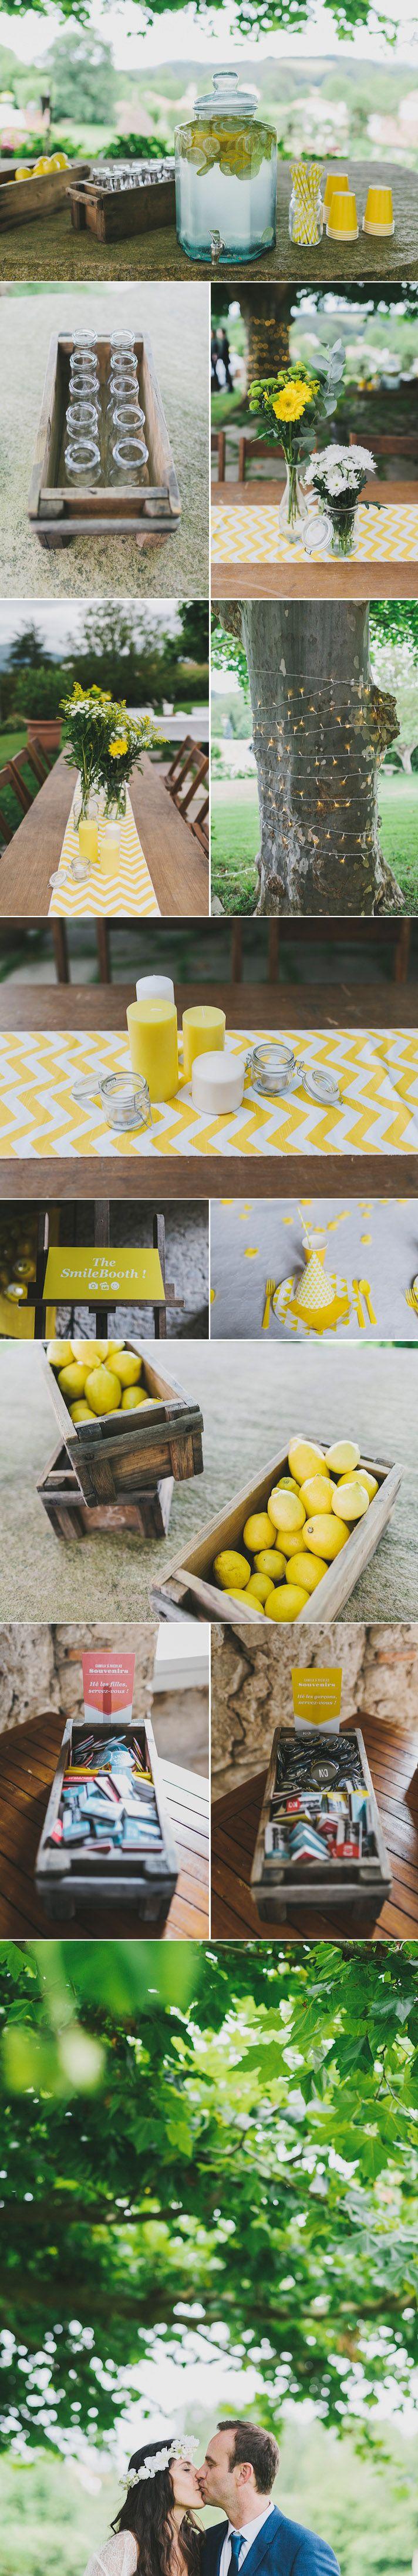 Plein de jolis détails pour ce mariage vitaminé: de la limonade, des lumières, des motifs géométriques, de jolis souvenirs à emporter...Bref, j'adore!